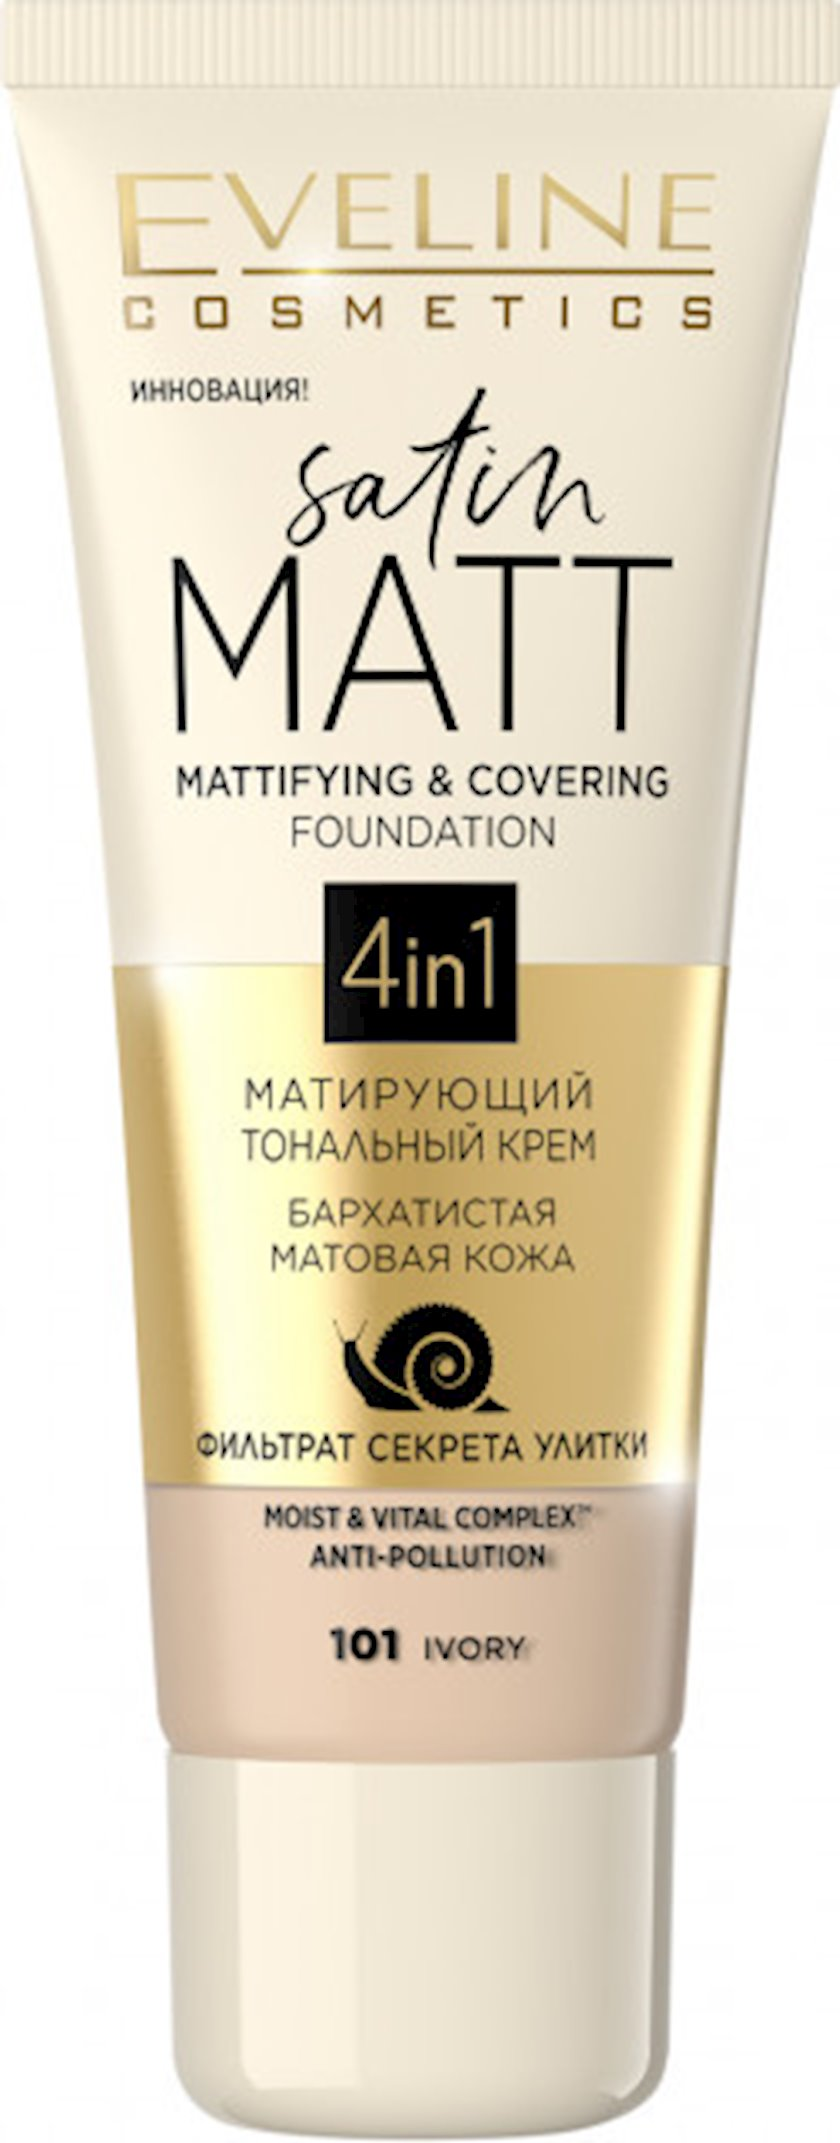 Matlaşdırıcı tonal krem Eveline Satin Matt 101 Ivory 30 ml